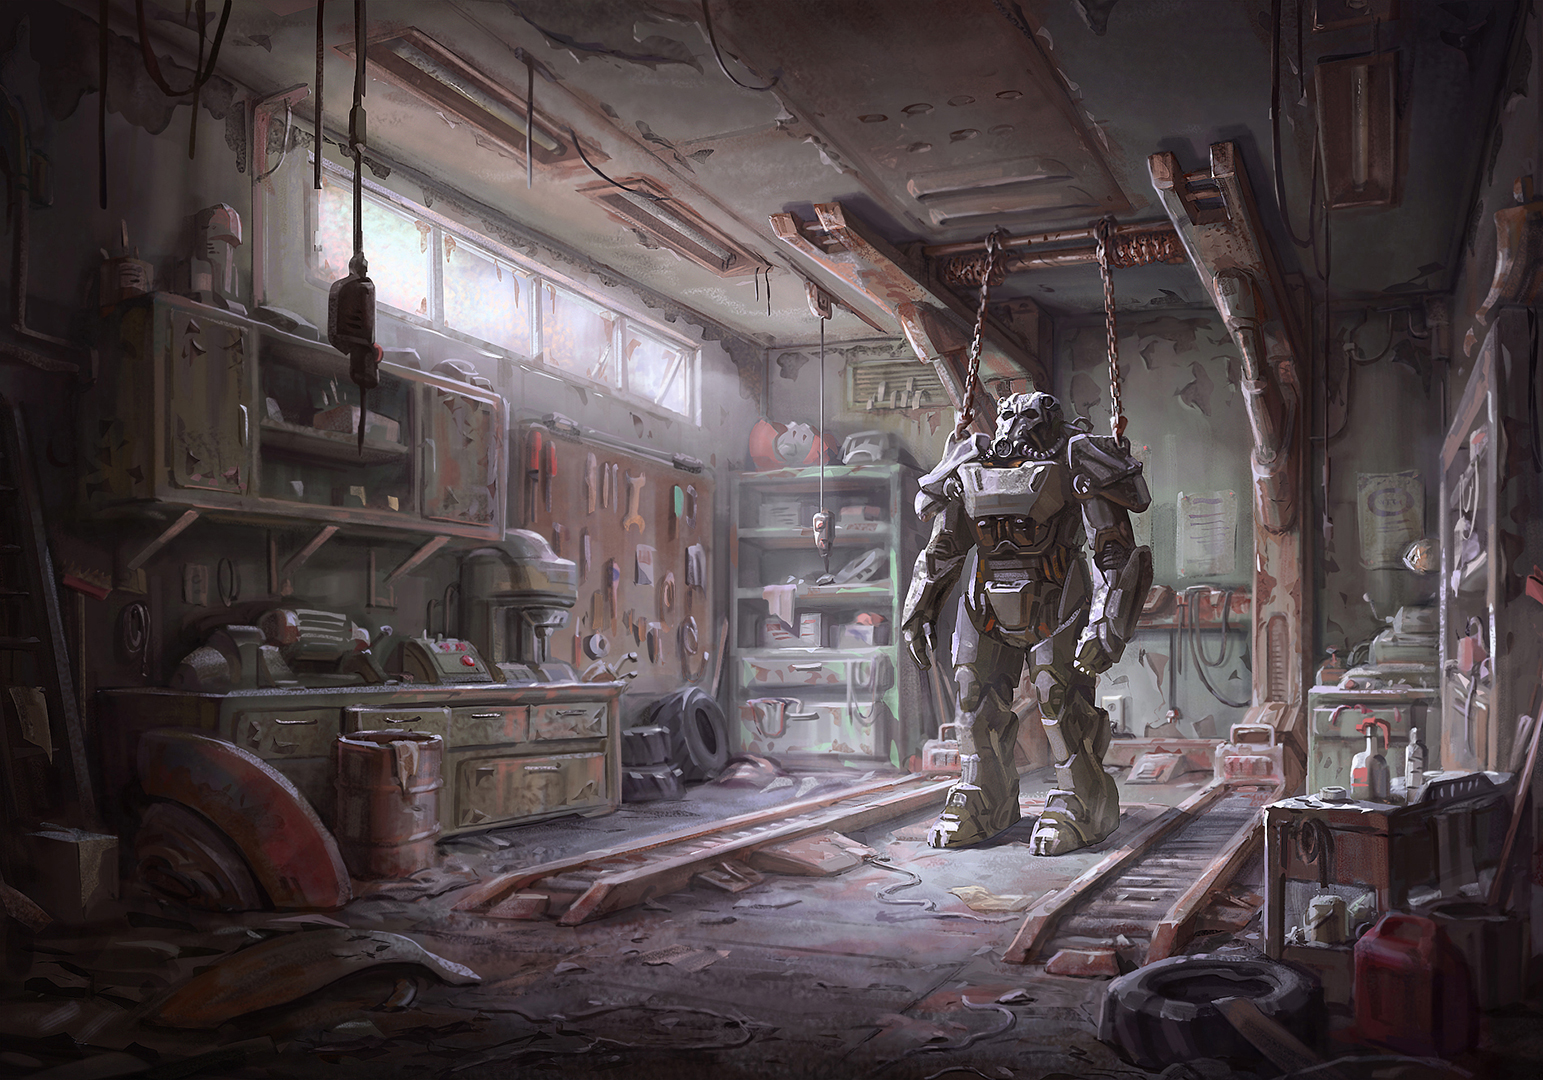 Zadania Poboczne Strona 2 Z 9 Fallout Corner